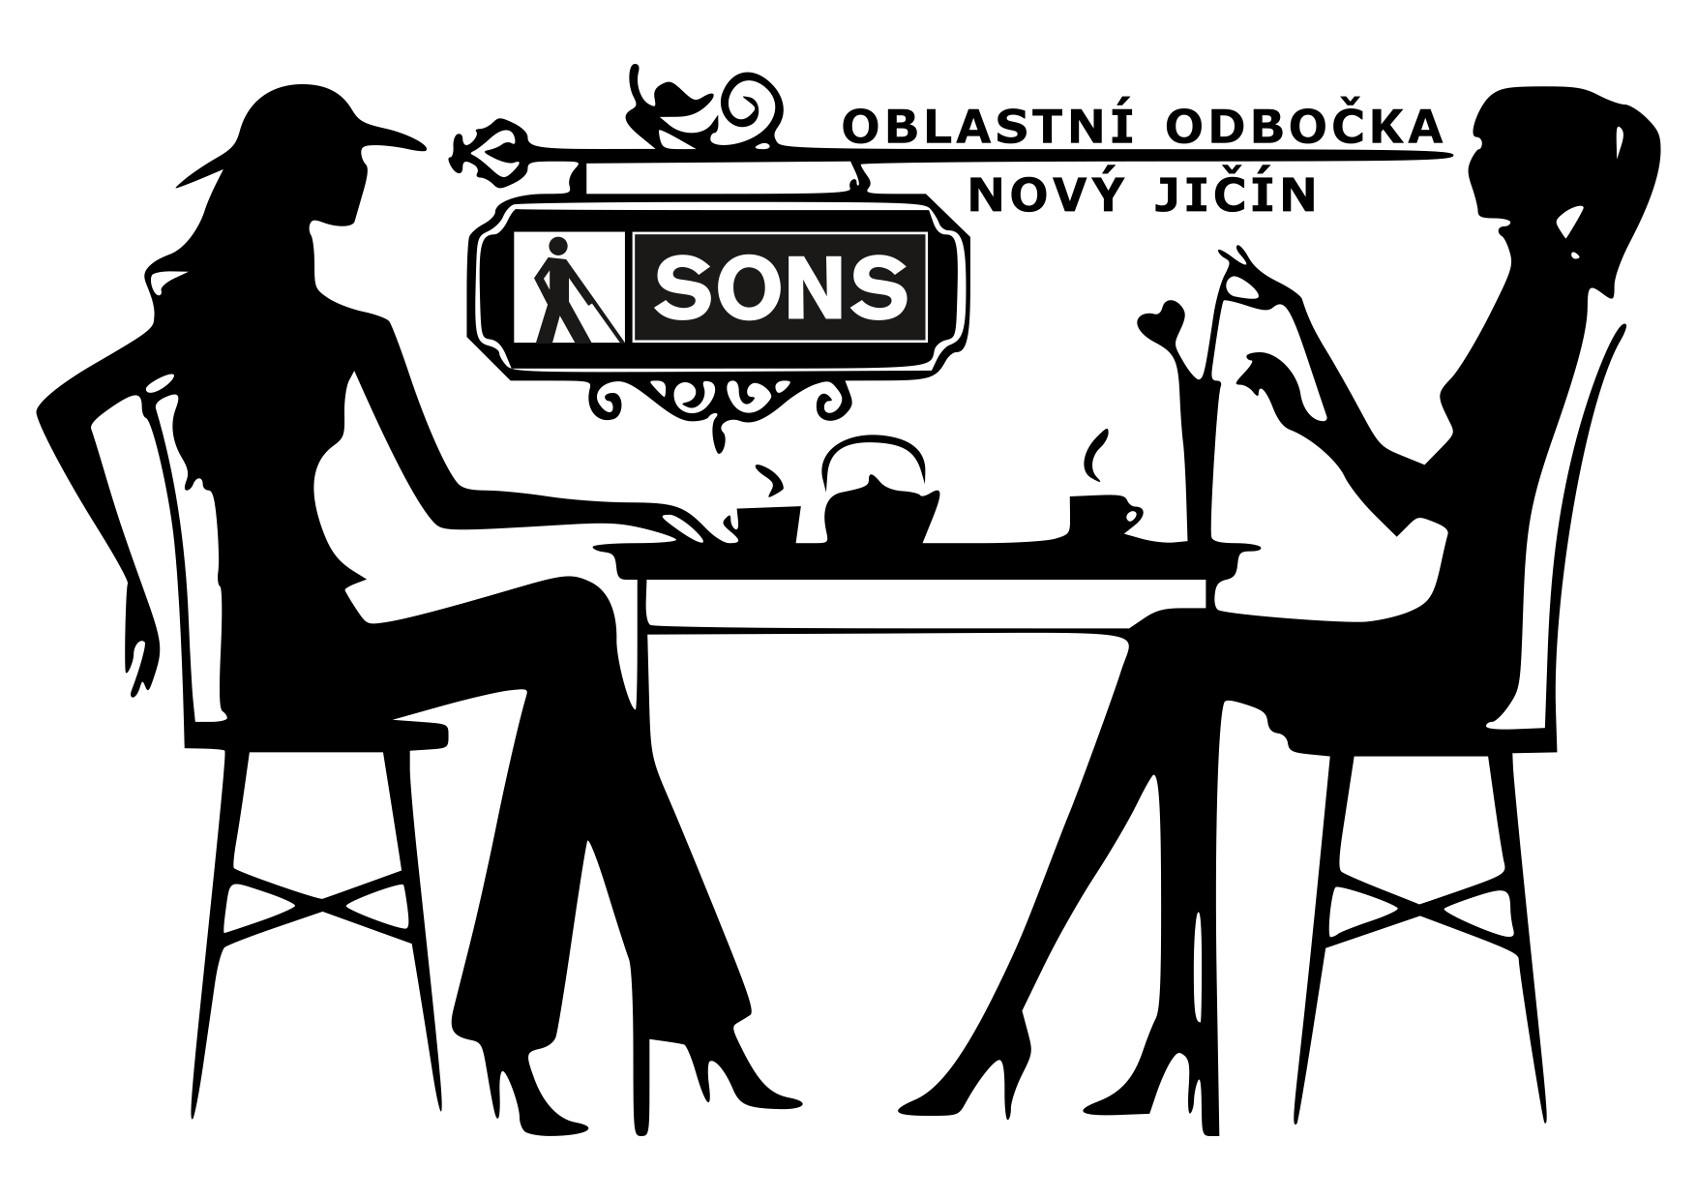 Ilustrativní grafika k Diskuznímu klubu a kavárně.